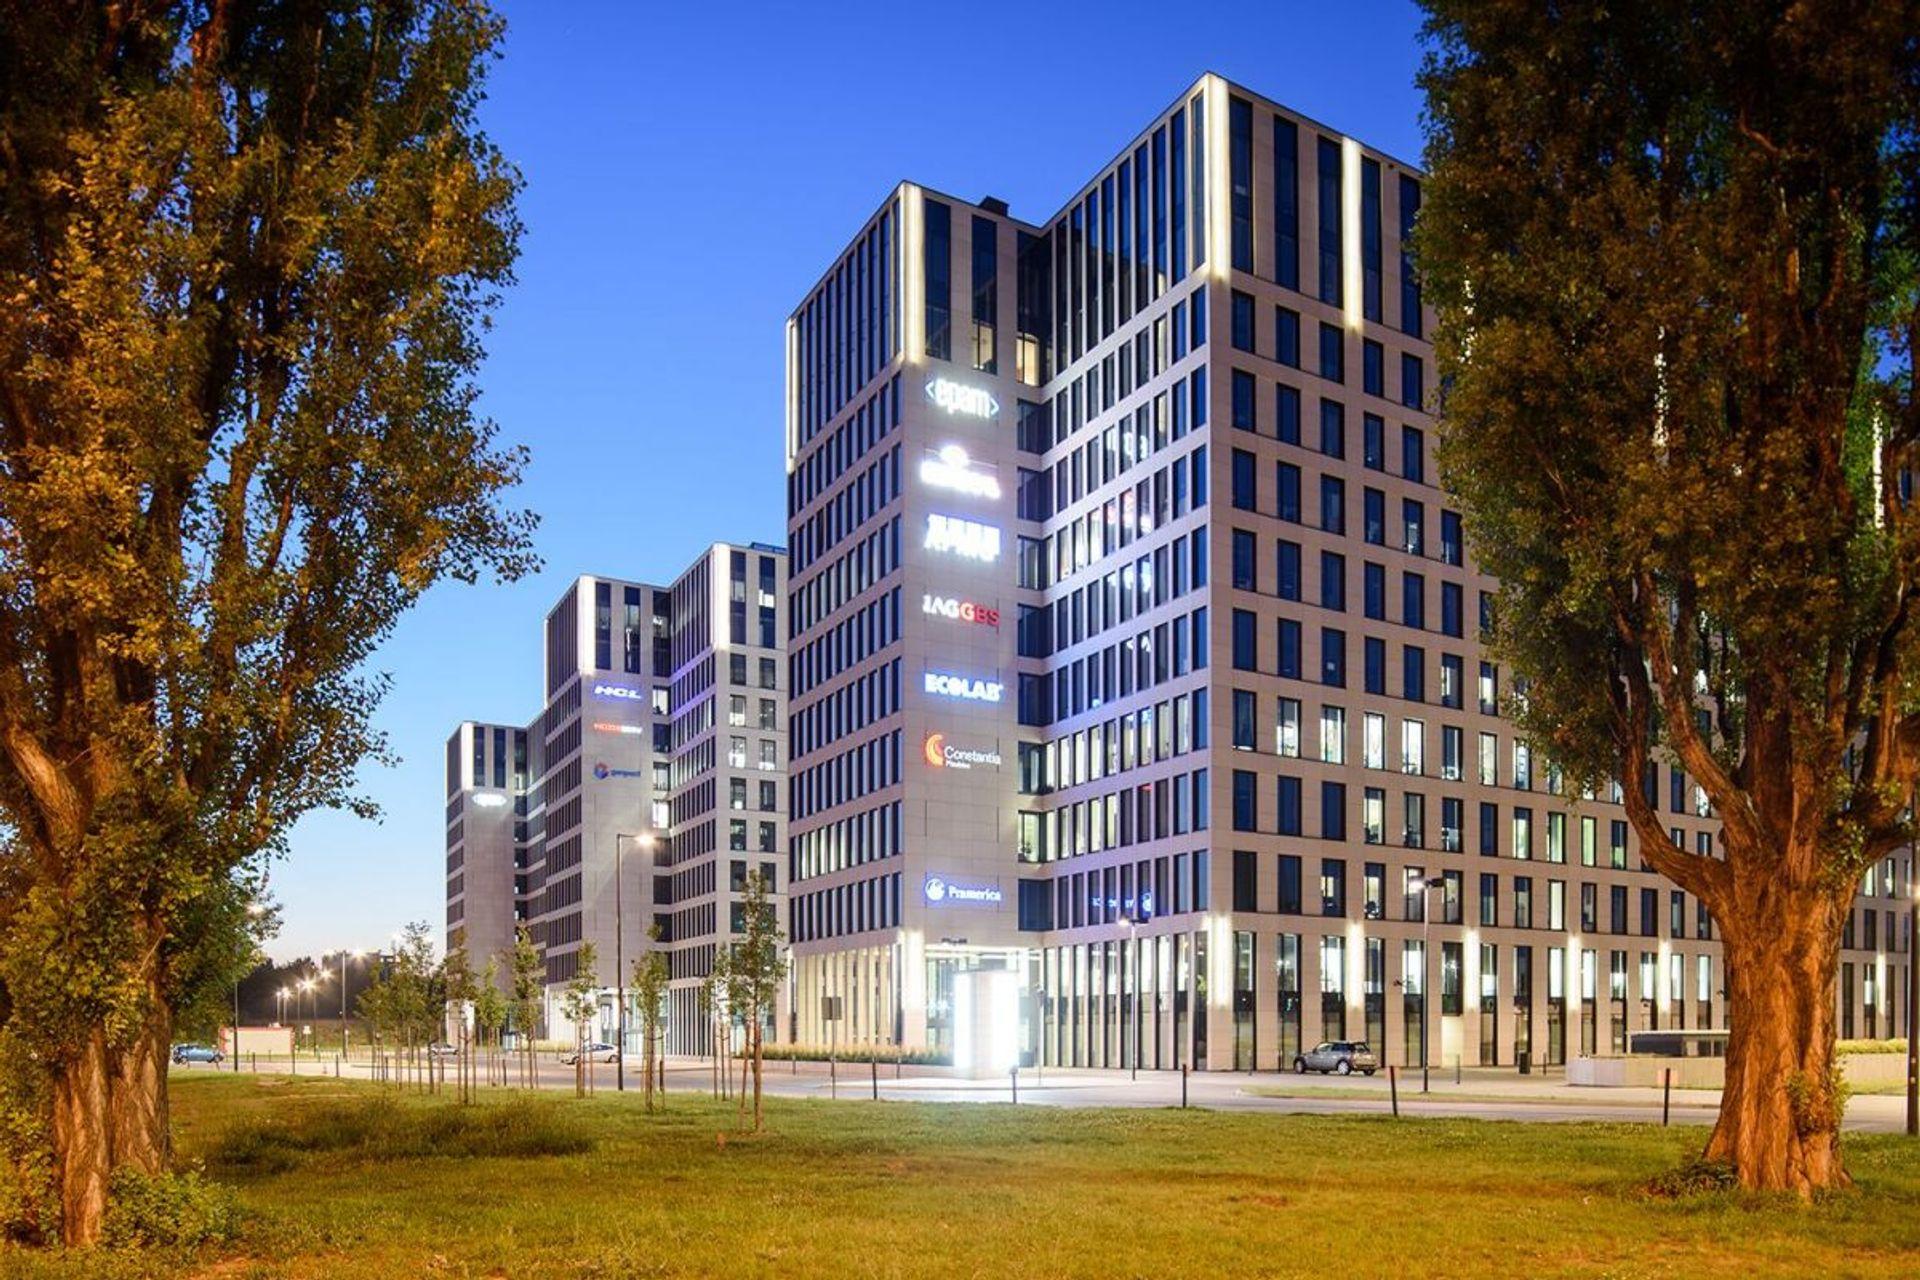 Dwie duże zagraniczne firmy przedłużyły umowy najmu w dwóch krakowskich biurowcach